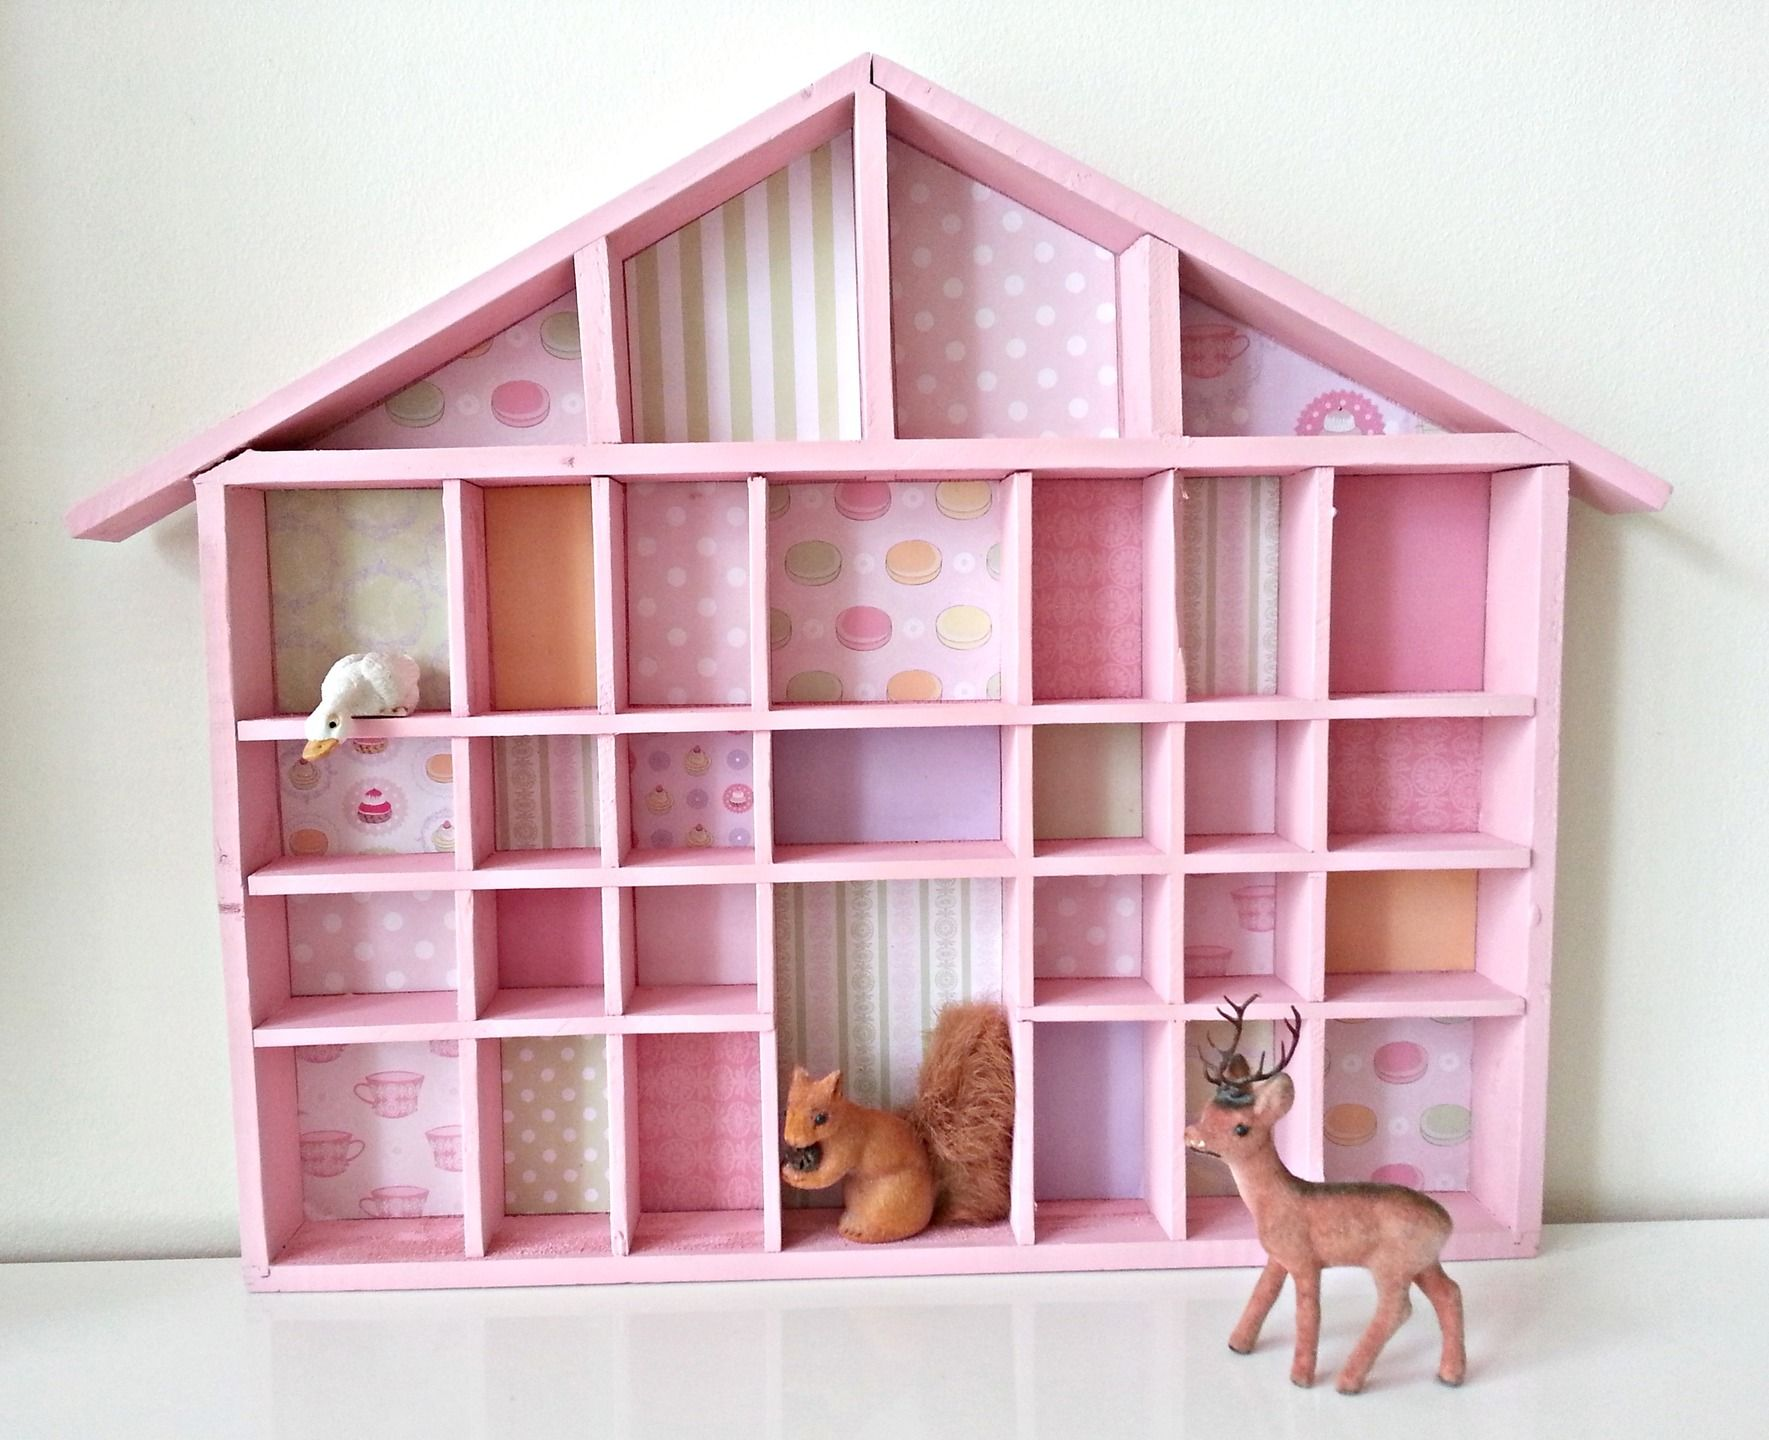 Petite Etagere Maison Rose Pour Miniatures Collections Vitrine